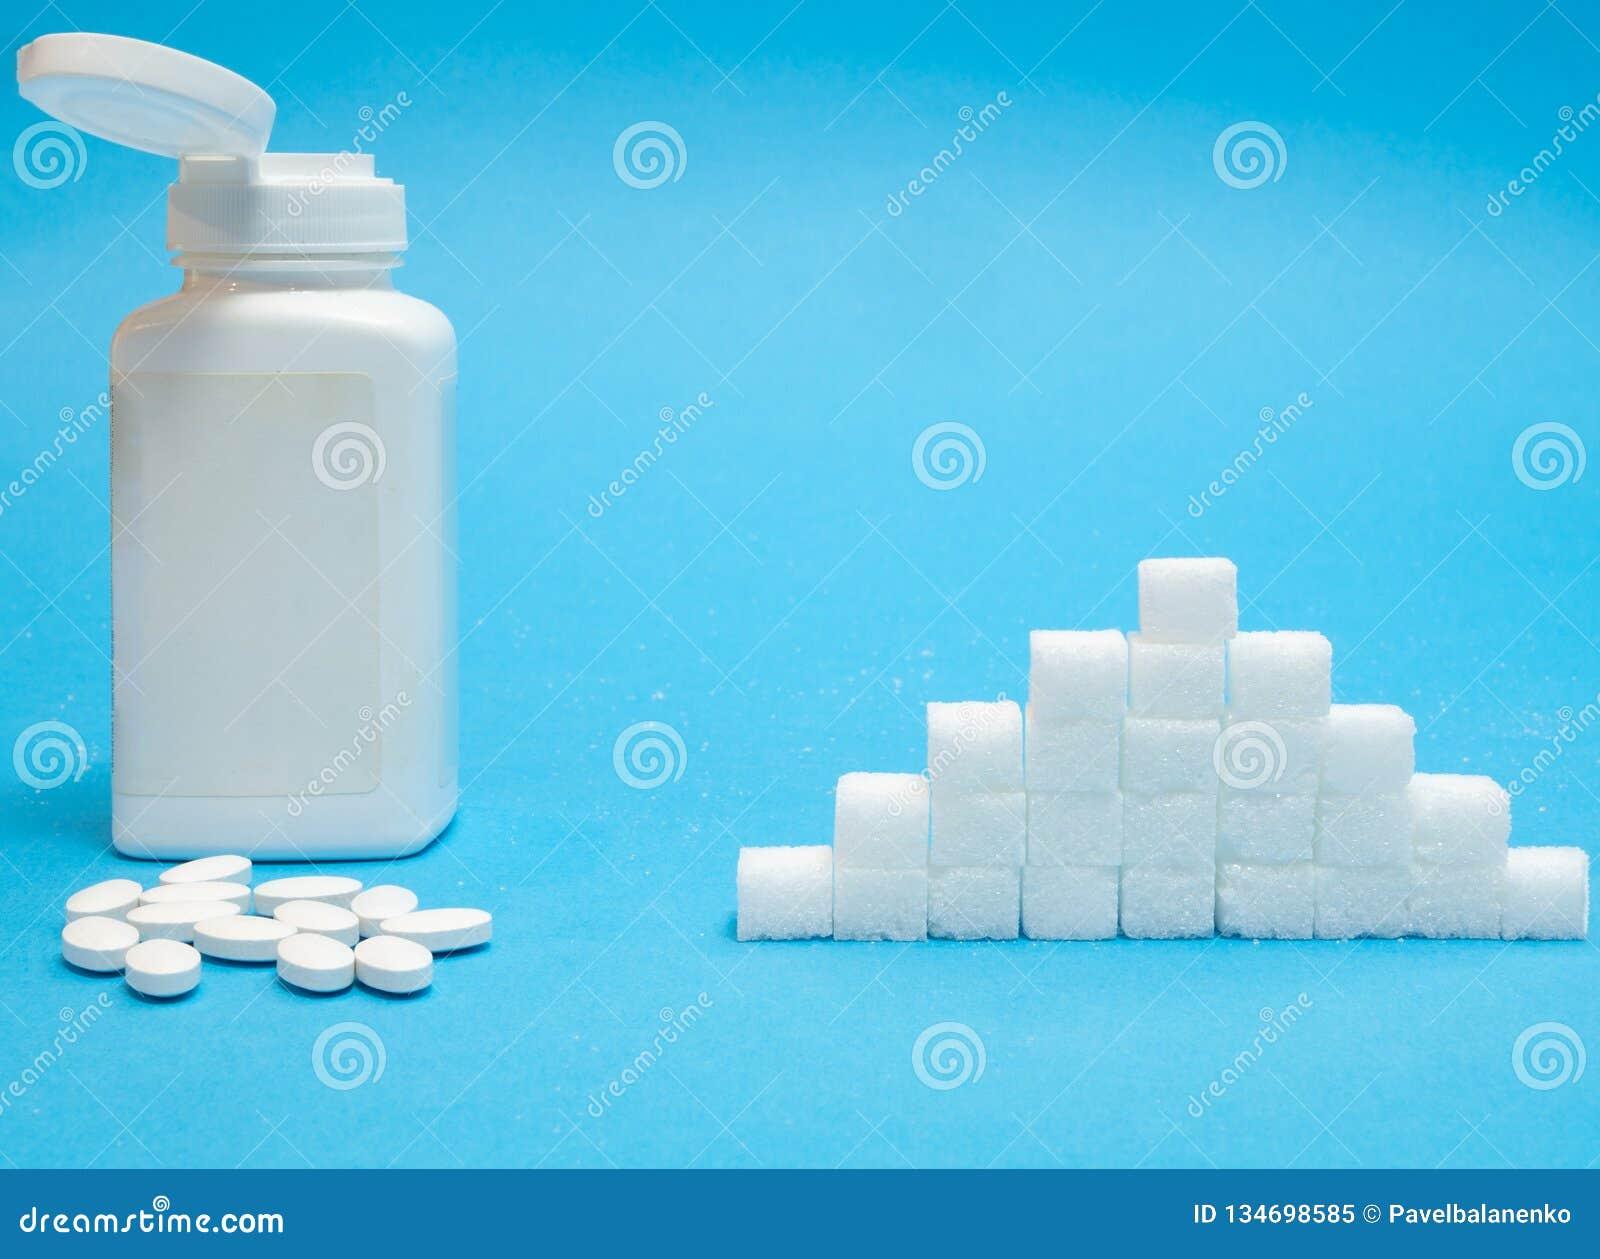 Pillen des Zuckerersatzes gegen normalen Zucker